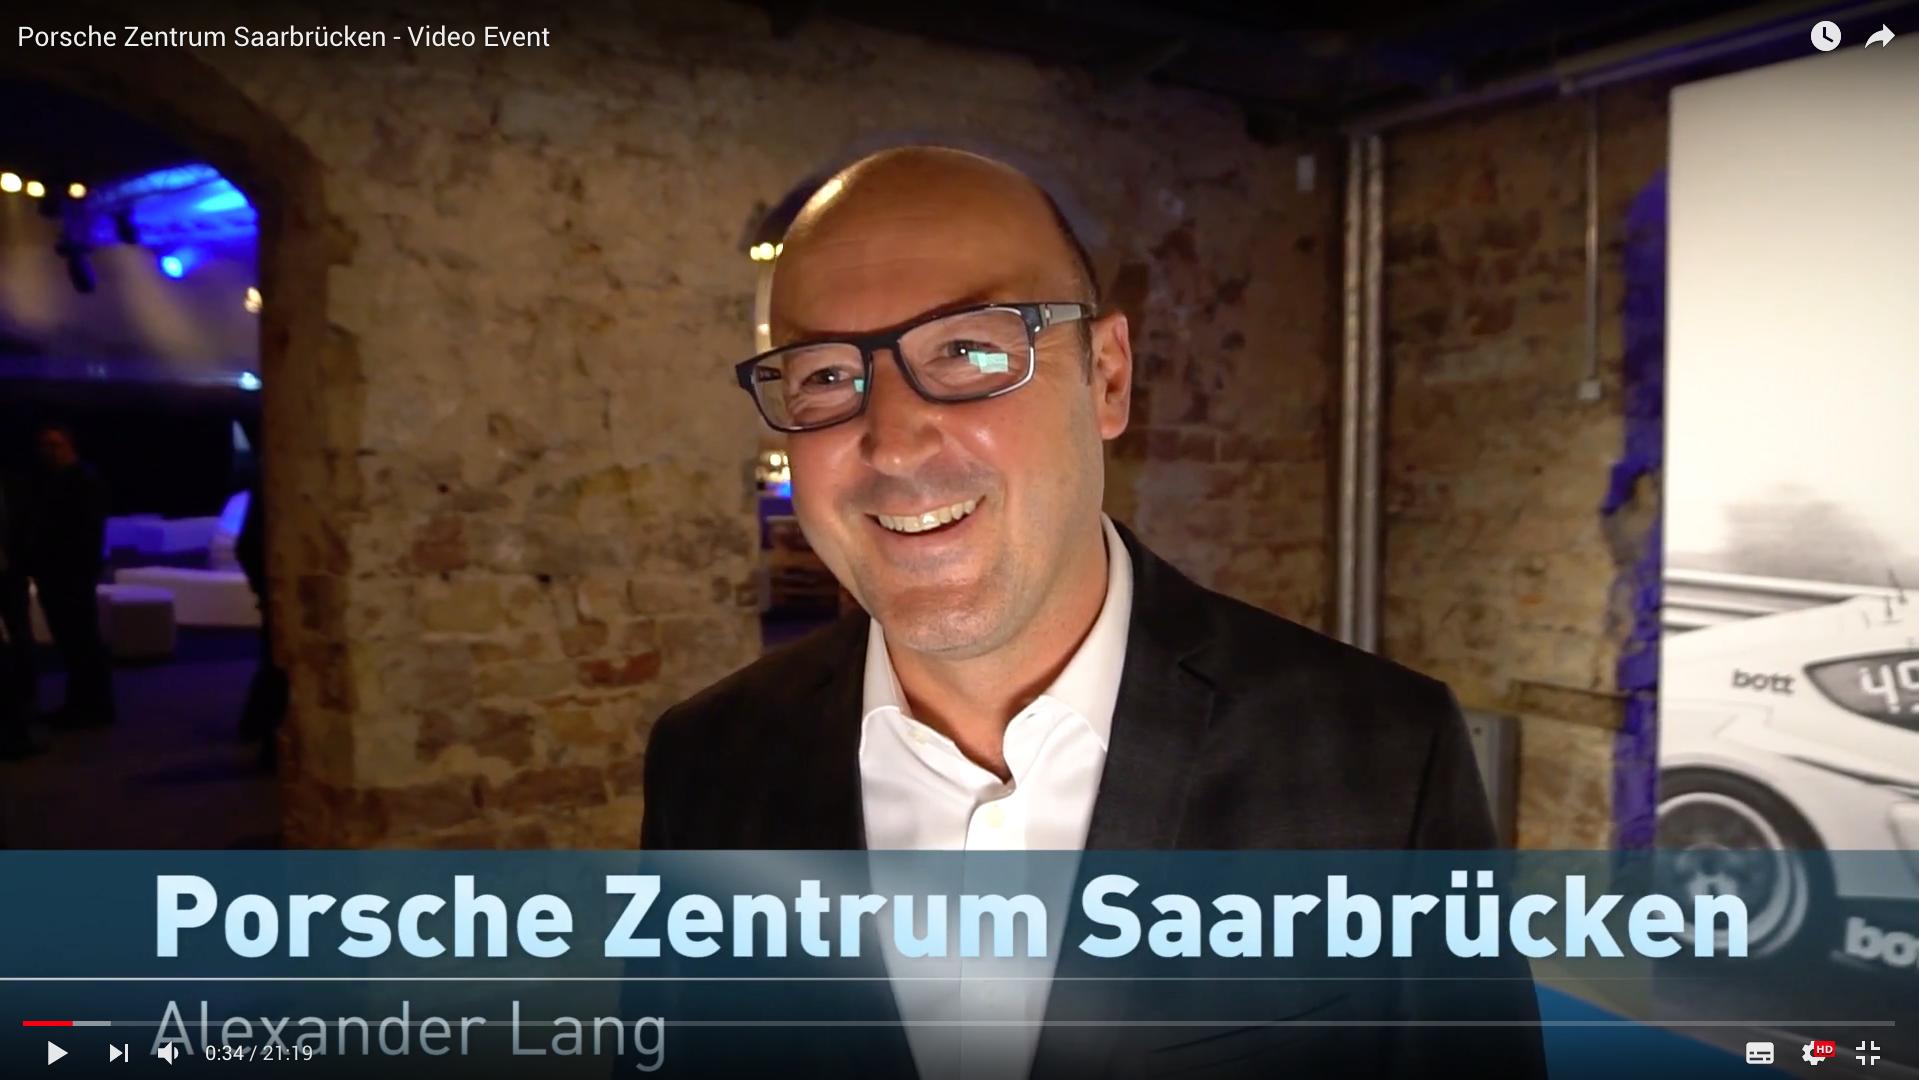 2017 Prosche Zentrum Saarbrücken - Video Event Alexander Lang_MSM_MEDIEN_SAAR_MOSEL_SAARLAND_FERNSEHEN_1_ED_SAAR